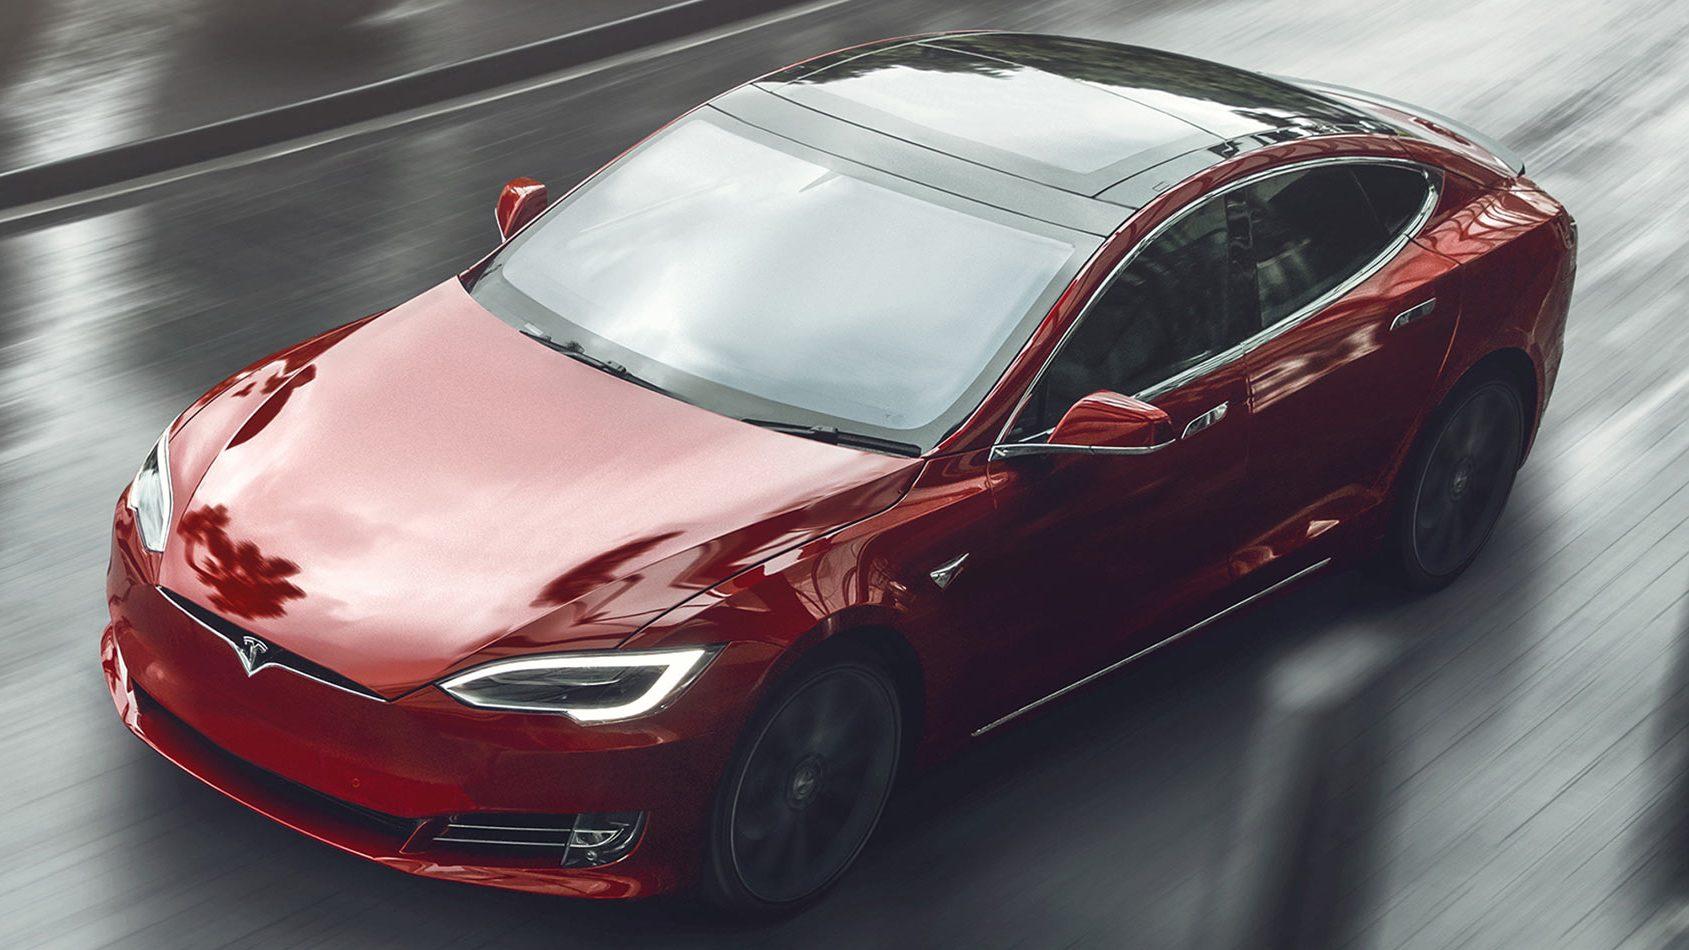 Novo Tesla Model S Plaid tem 1.115 cv e absurdos 830 km de autonomia | Quatro Rodas